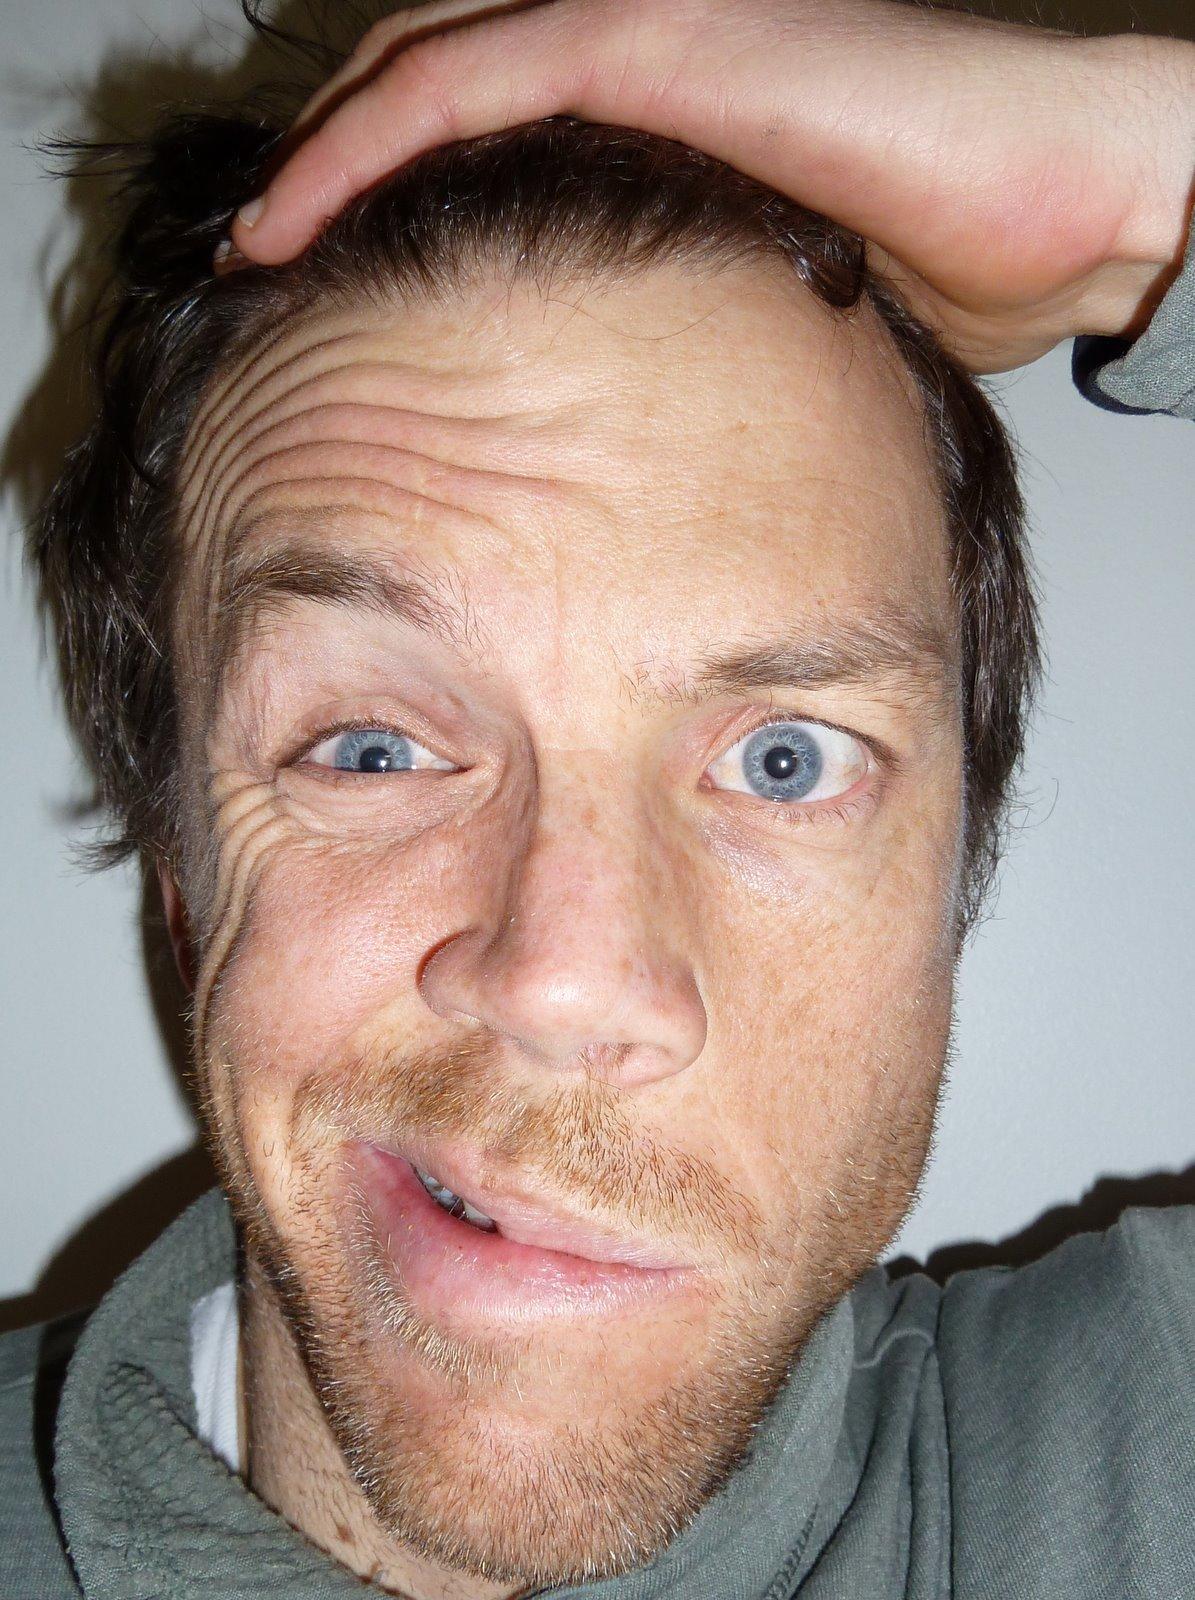 Facial palsy symptoms